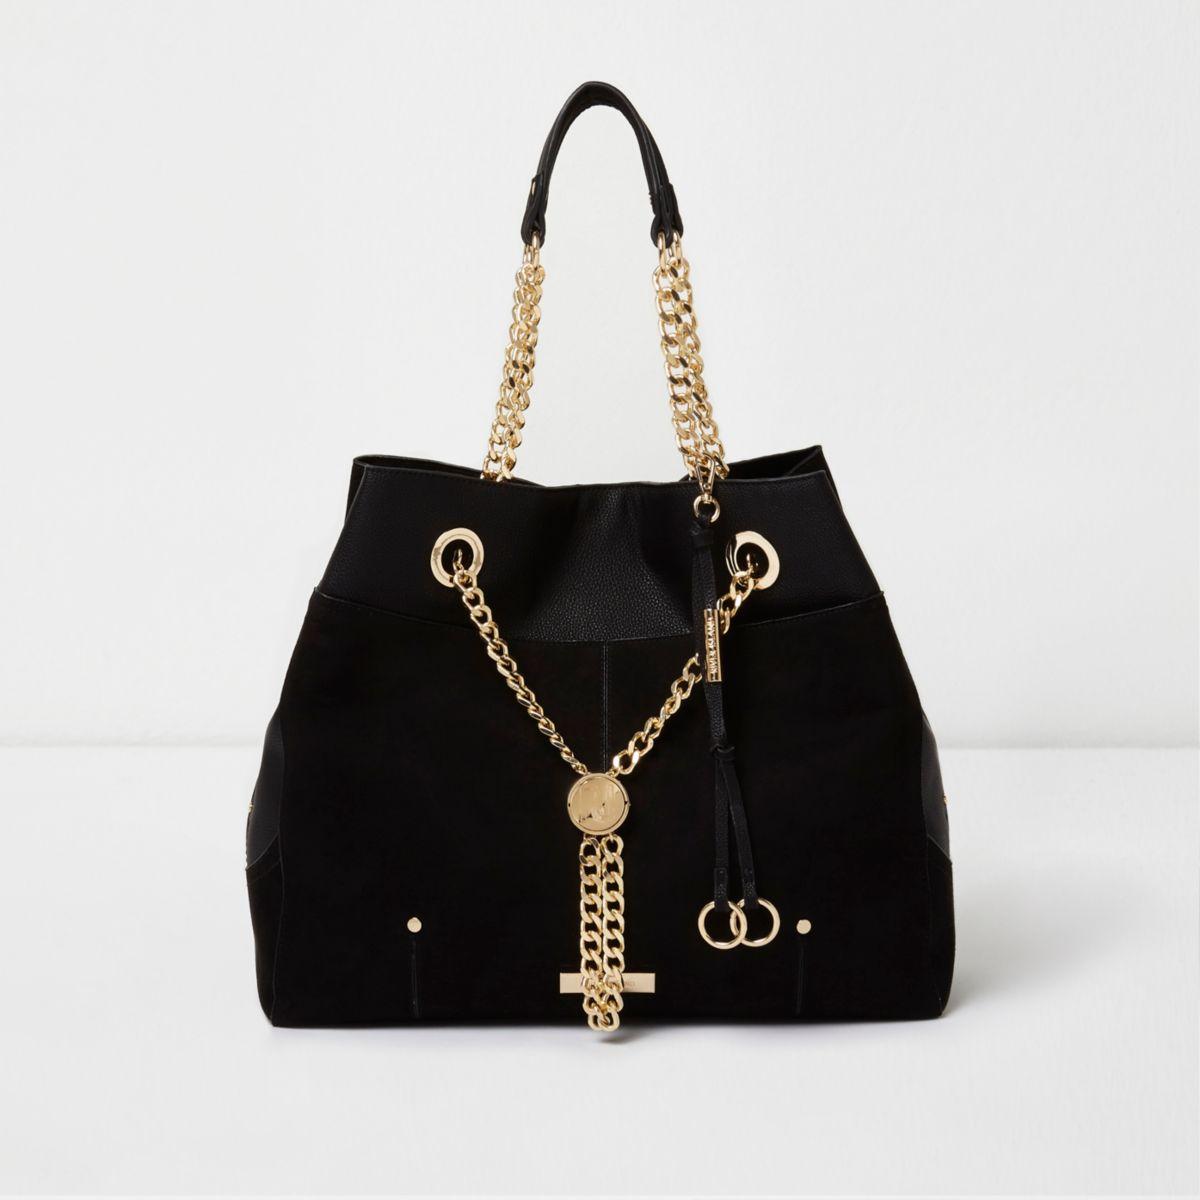 Zwarte handtas met RI-slot en ketting